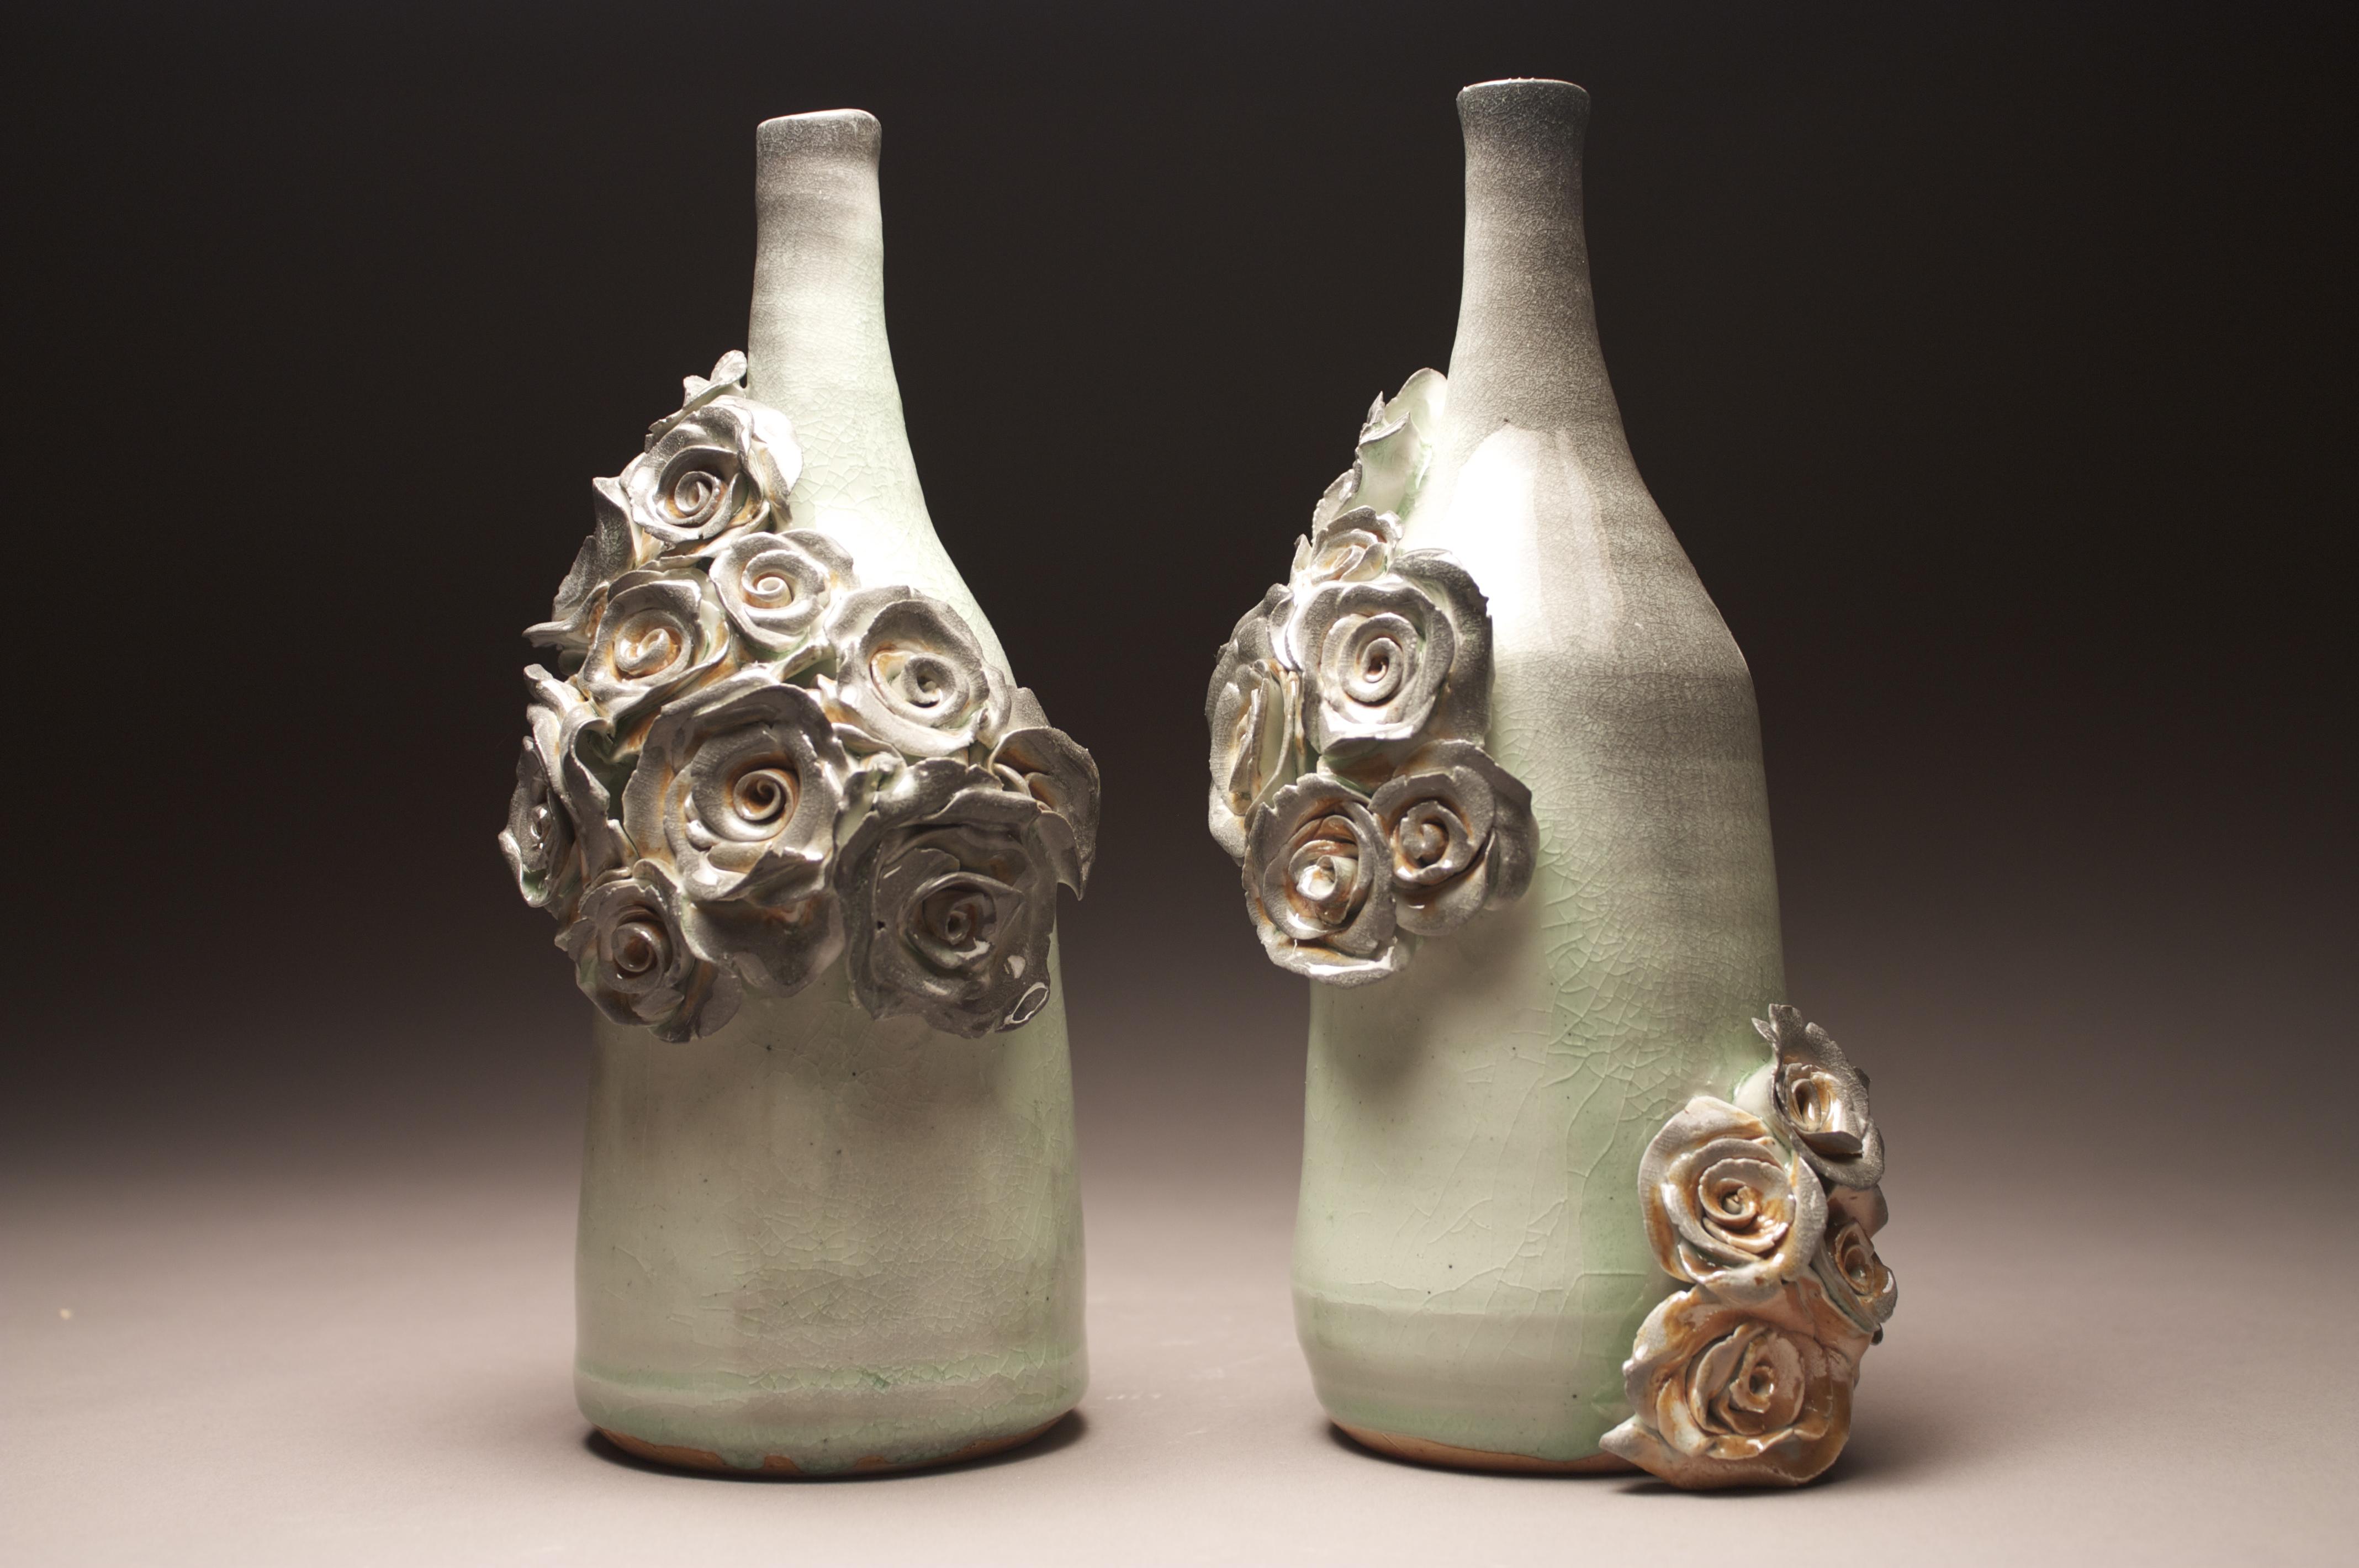 Keramika-umetnost mastovitih  i spretnih ruku! - Page 12 Img_5260